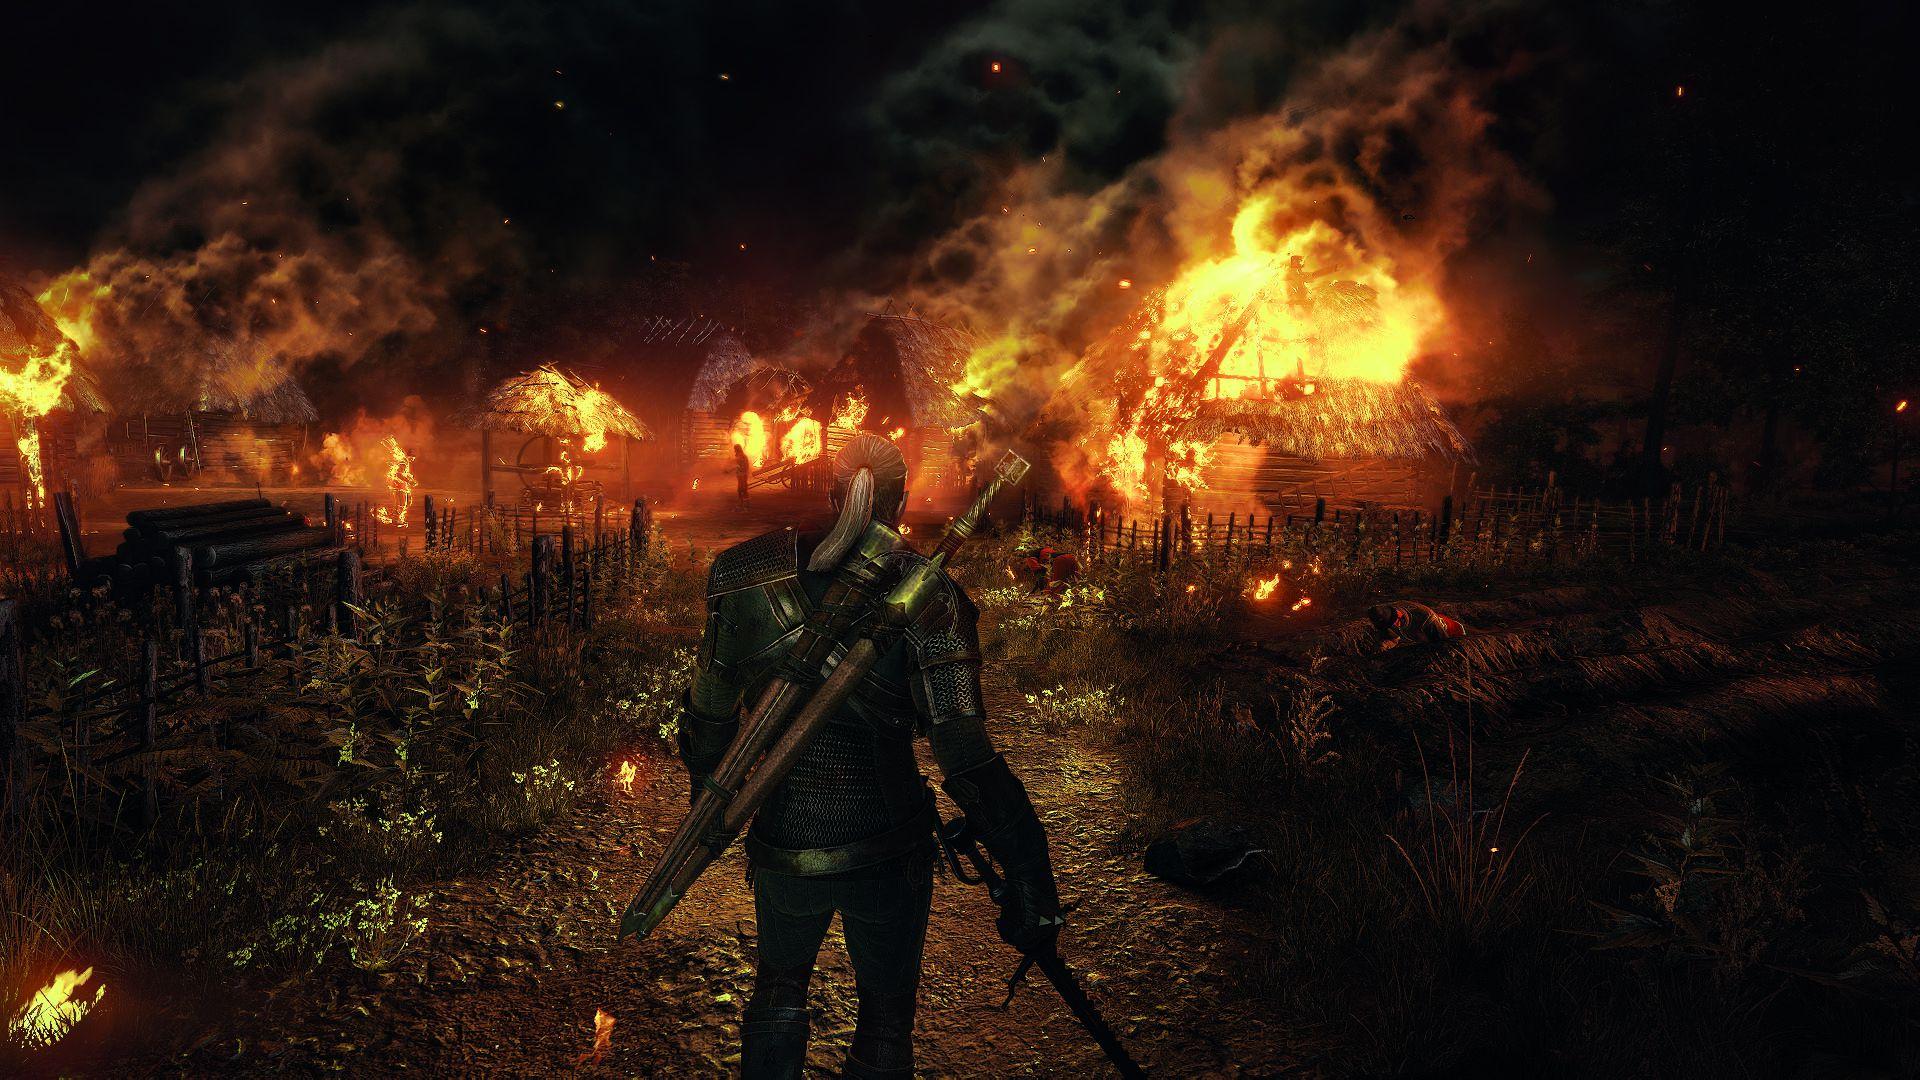 6241_the_witcher_3_wild_hunt_burning_village